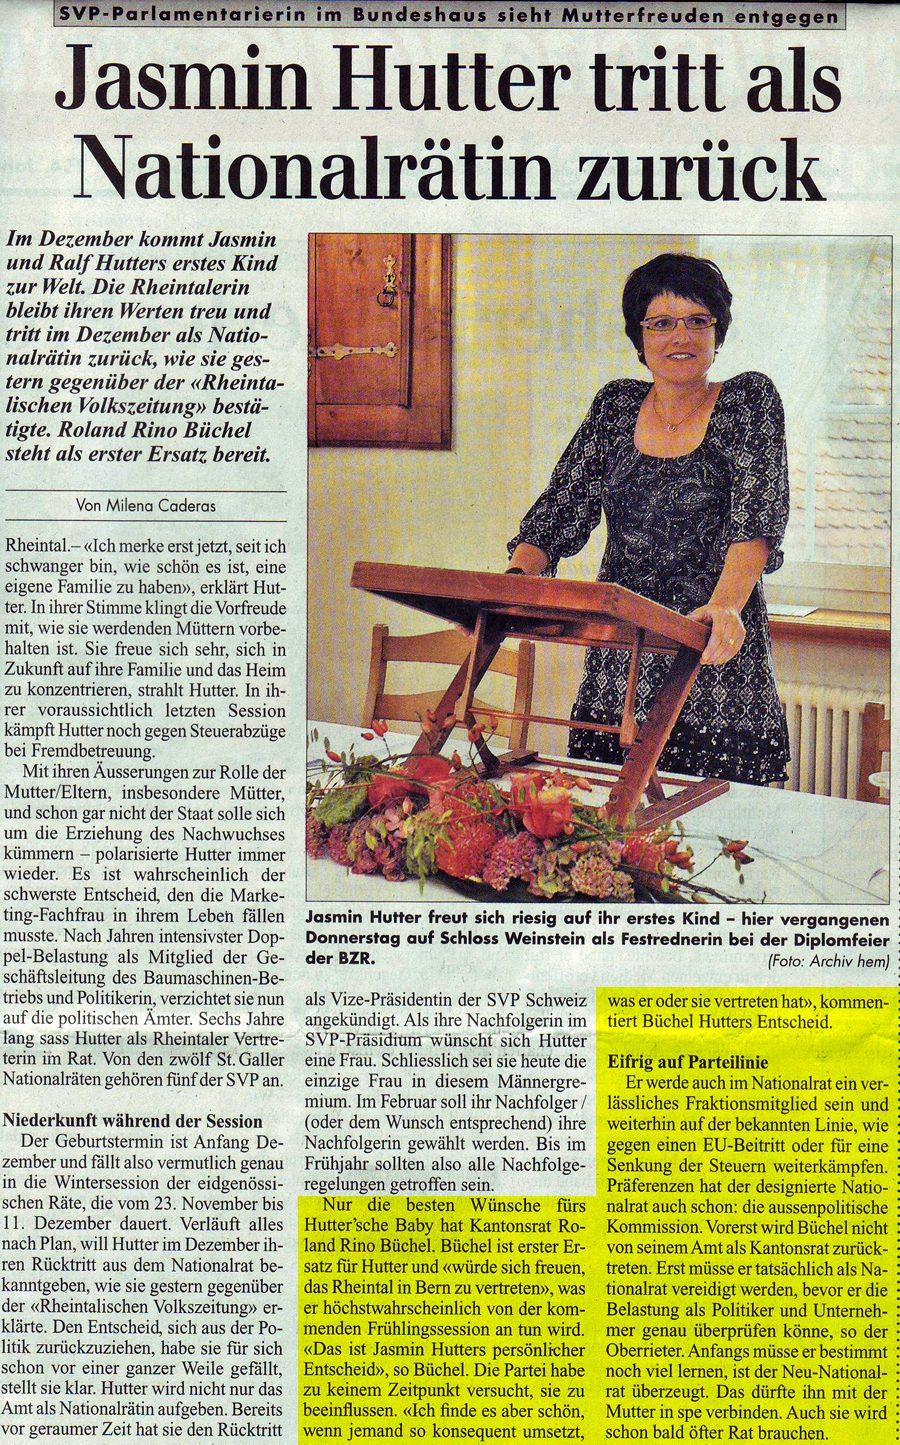 Rheintalische Volkszeitung: Jasmin Hutter tritt als Nationalrätin zurück